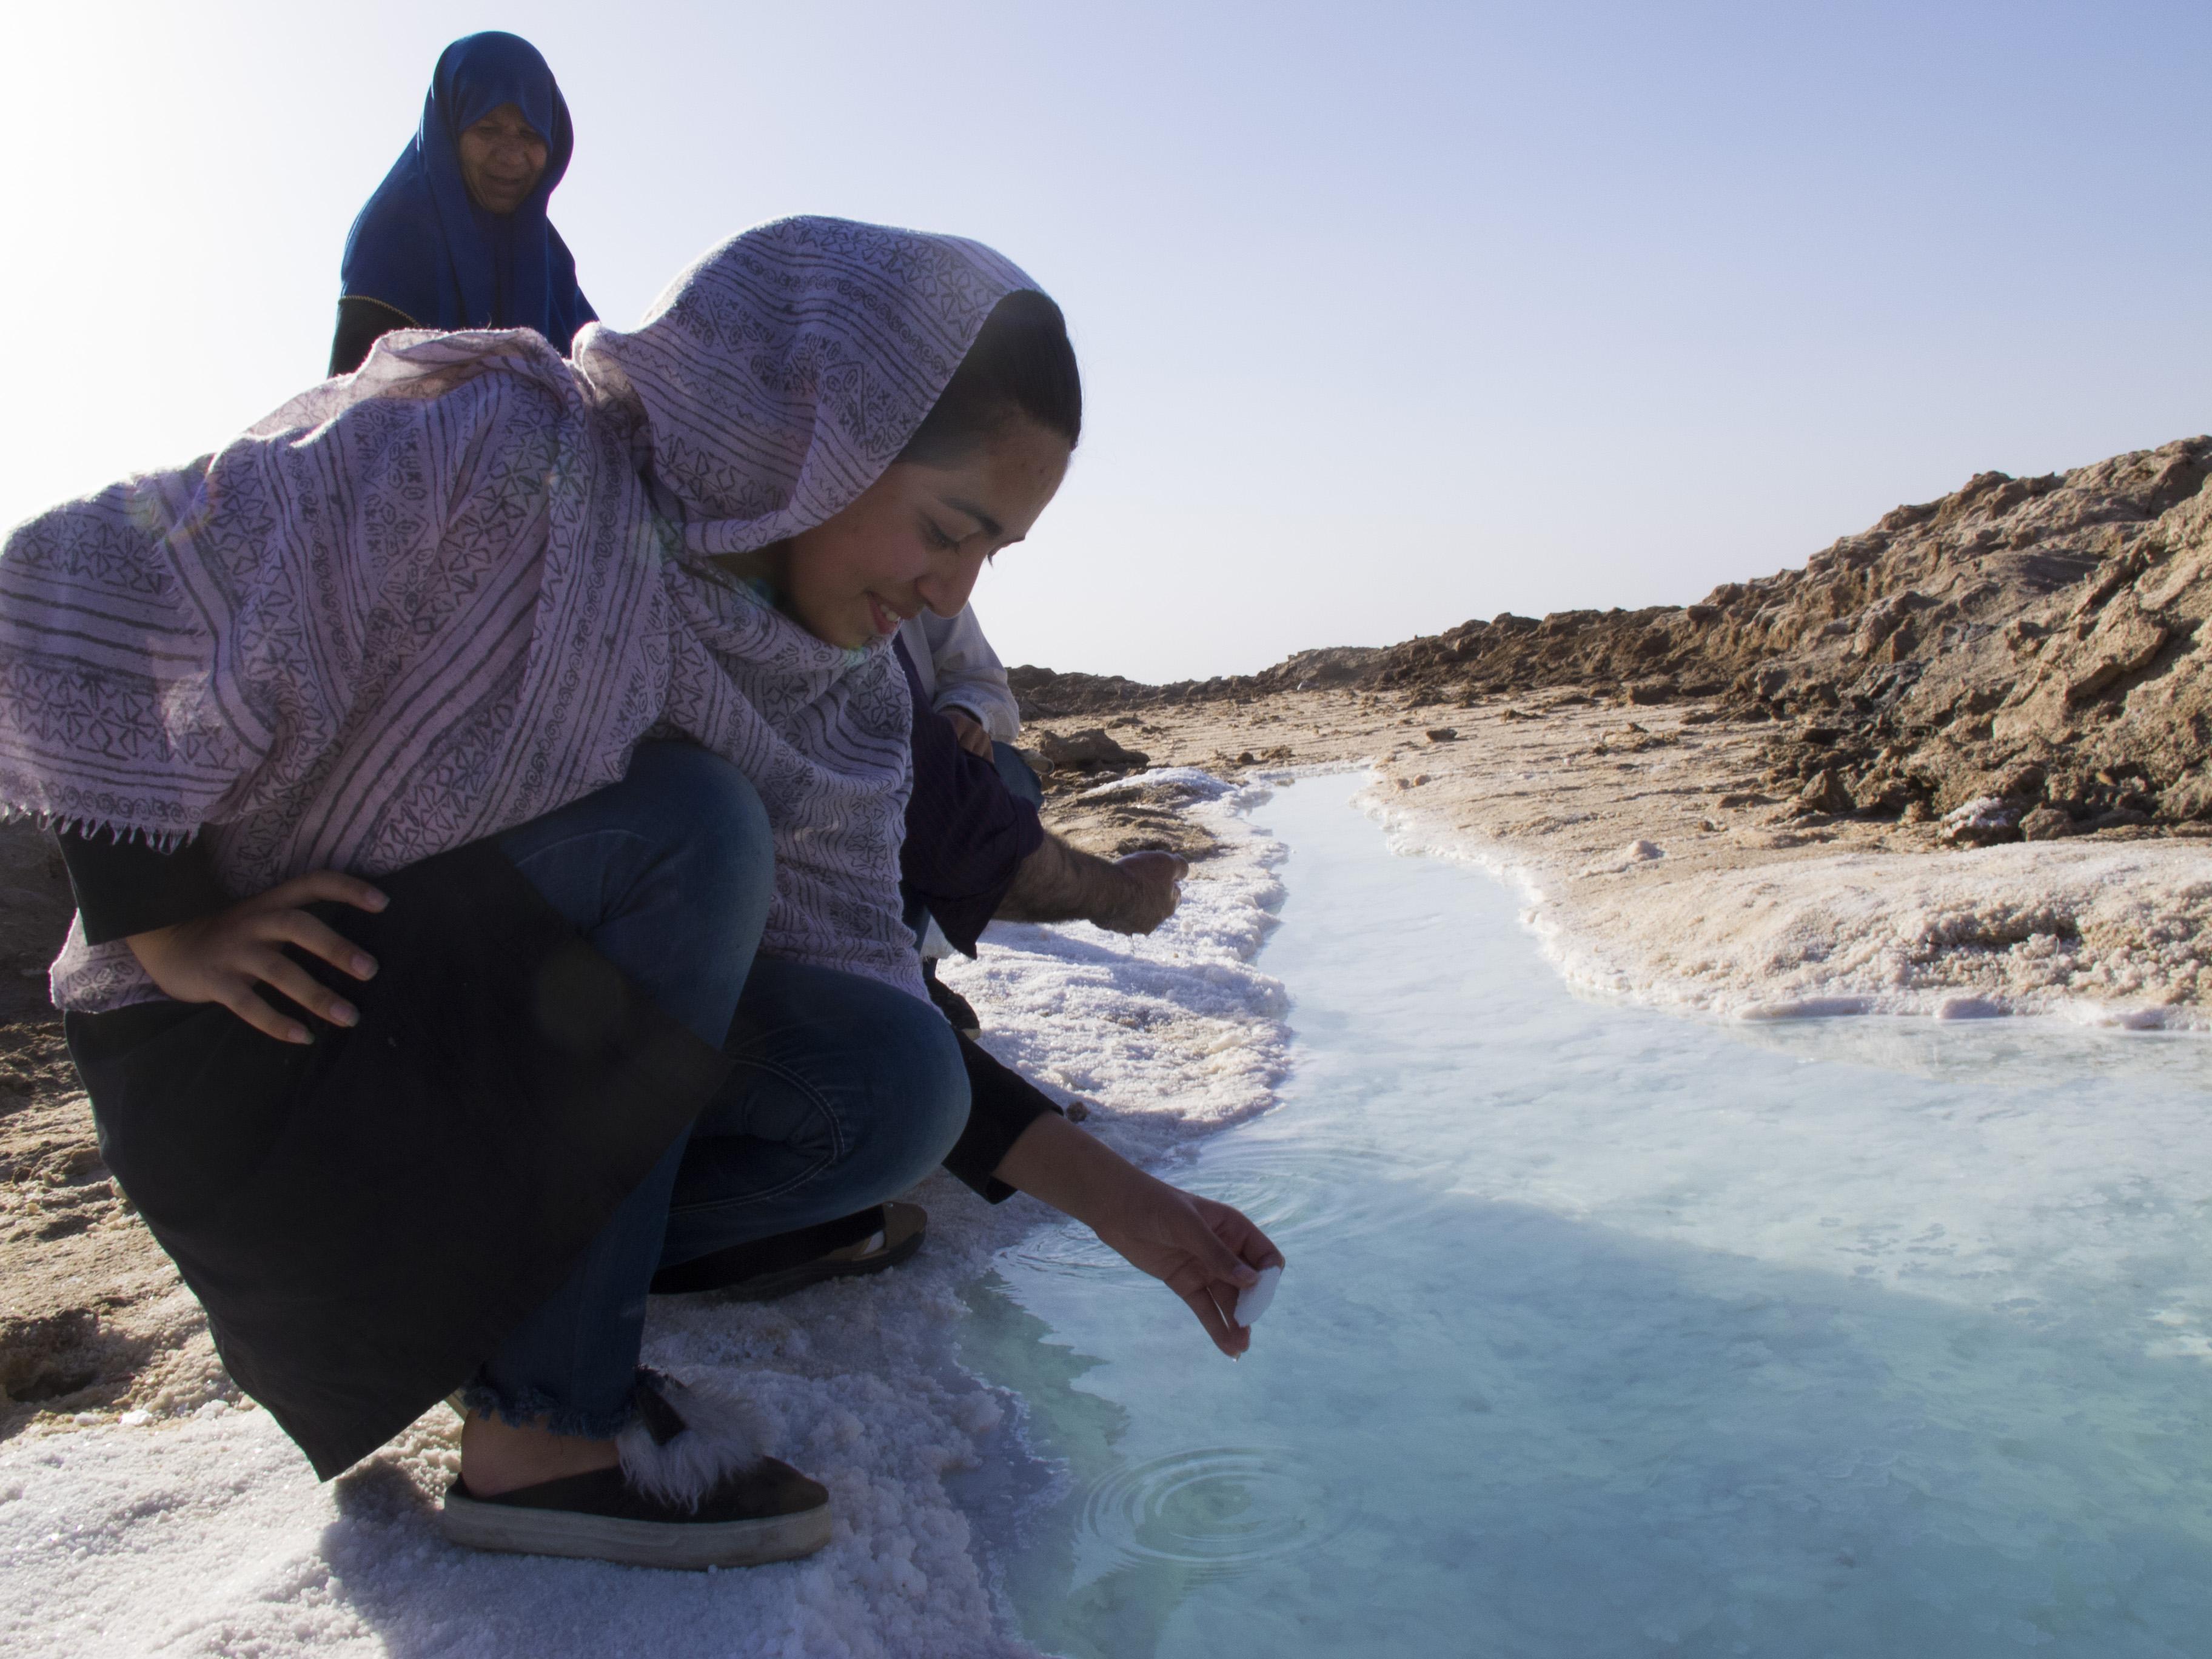 Deserto del Kavir una fonte di acqua salata - Copiajpg